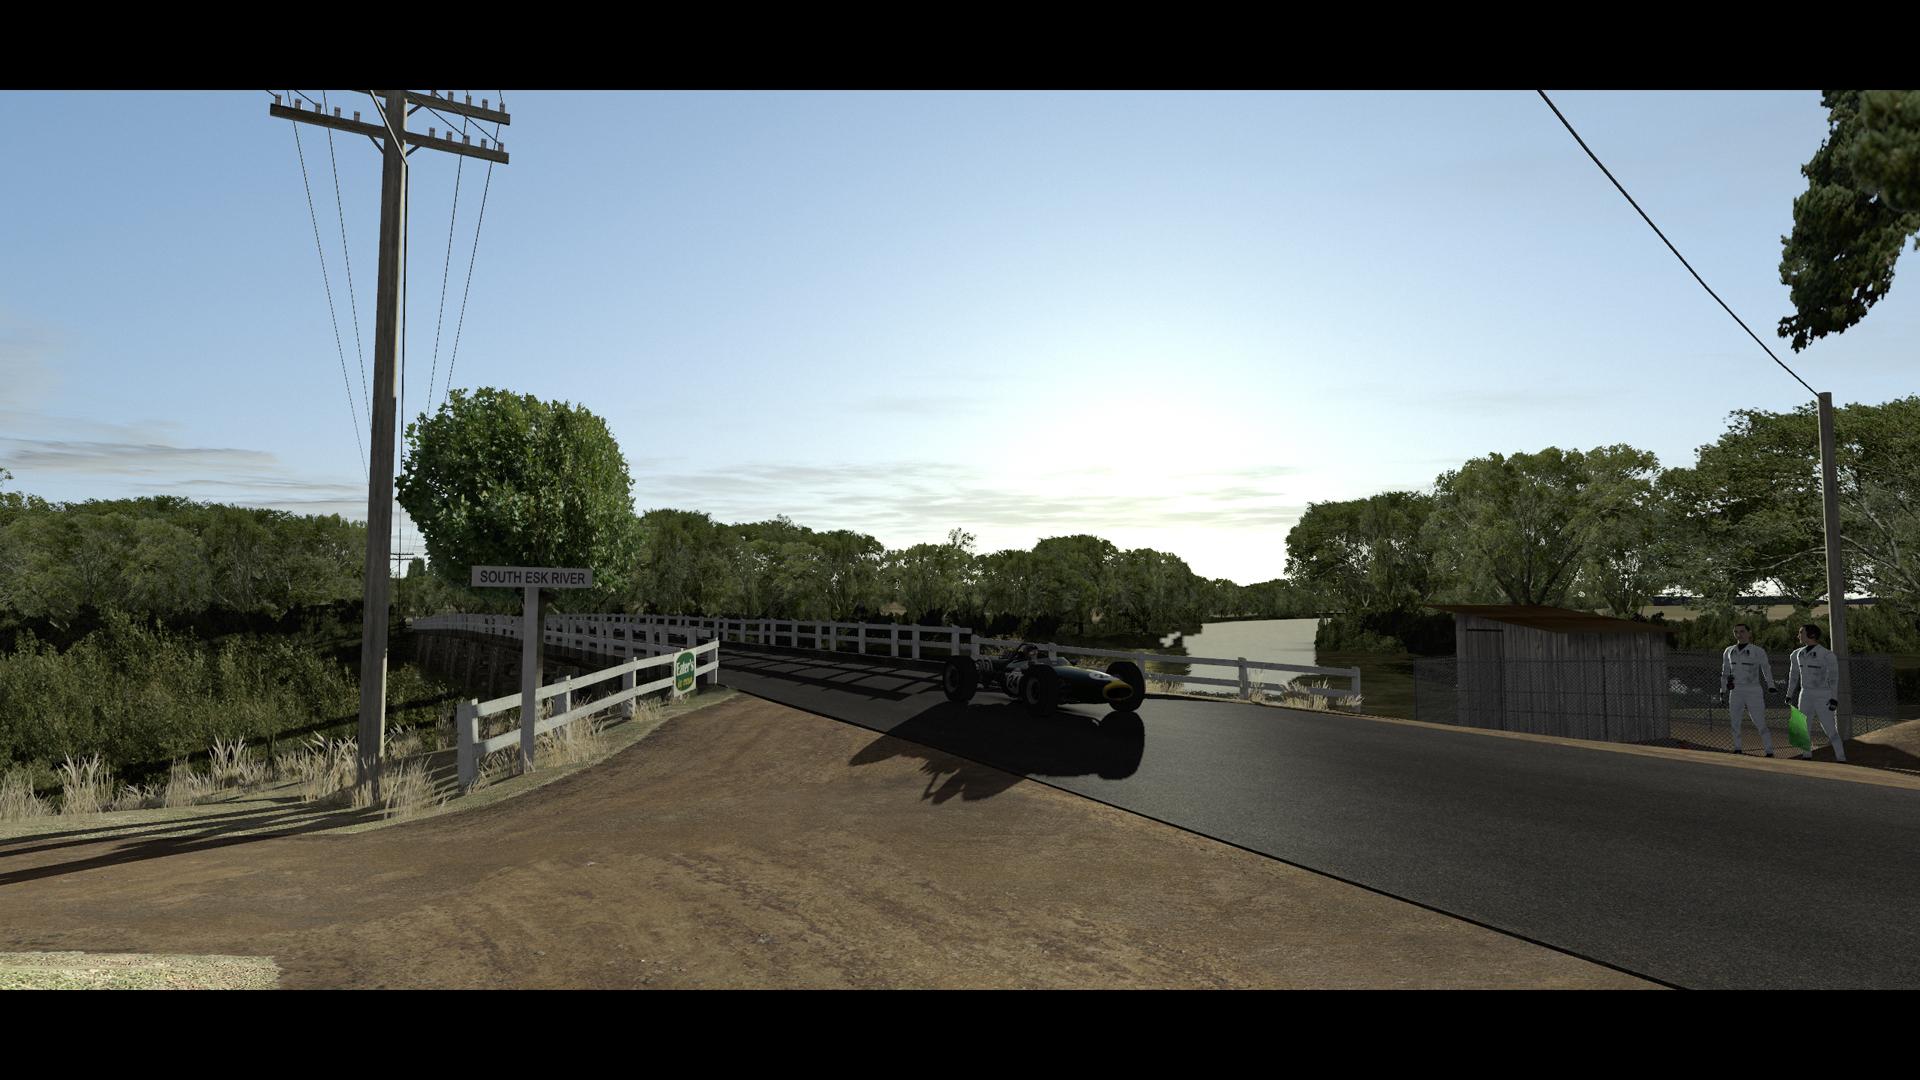 Longford Racecourse